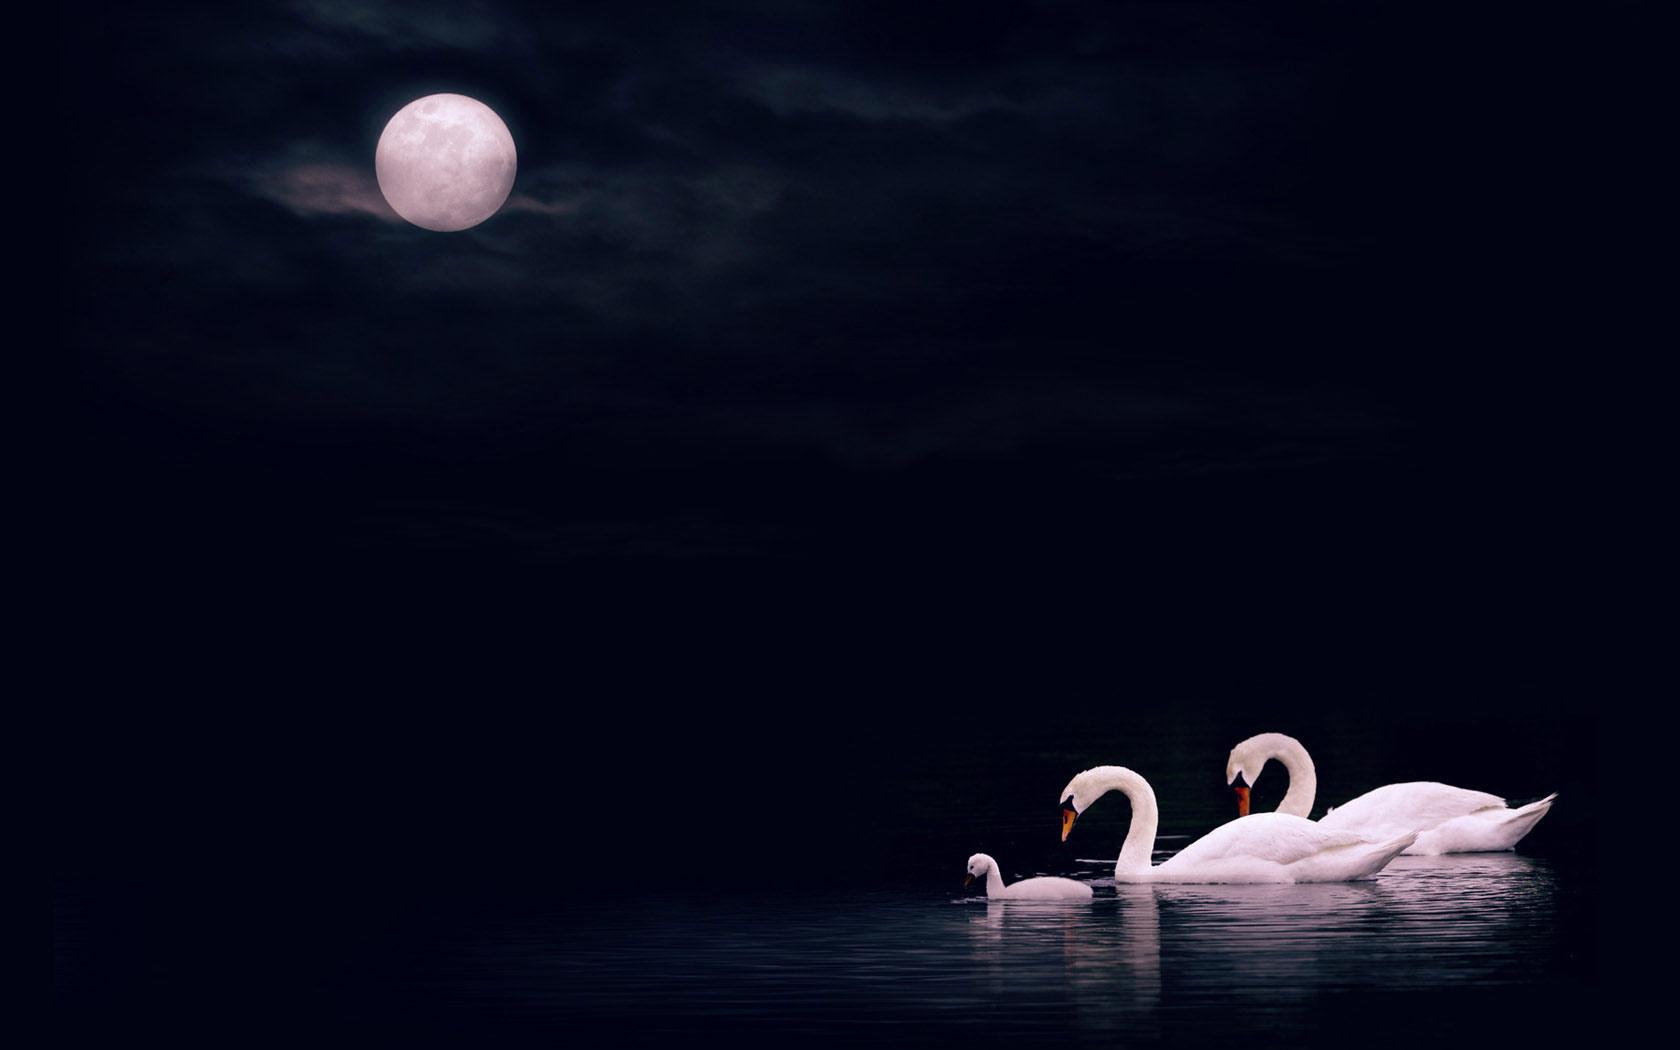 Beautiful Swan Gif Wallpaper for Desktop